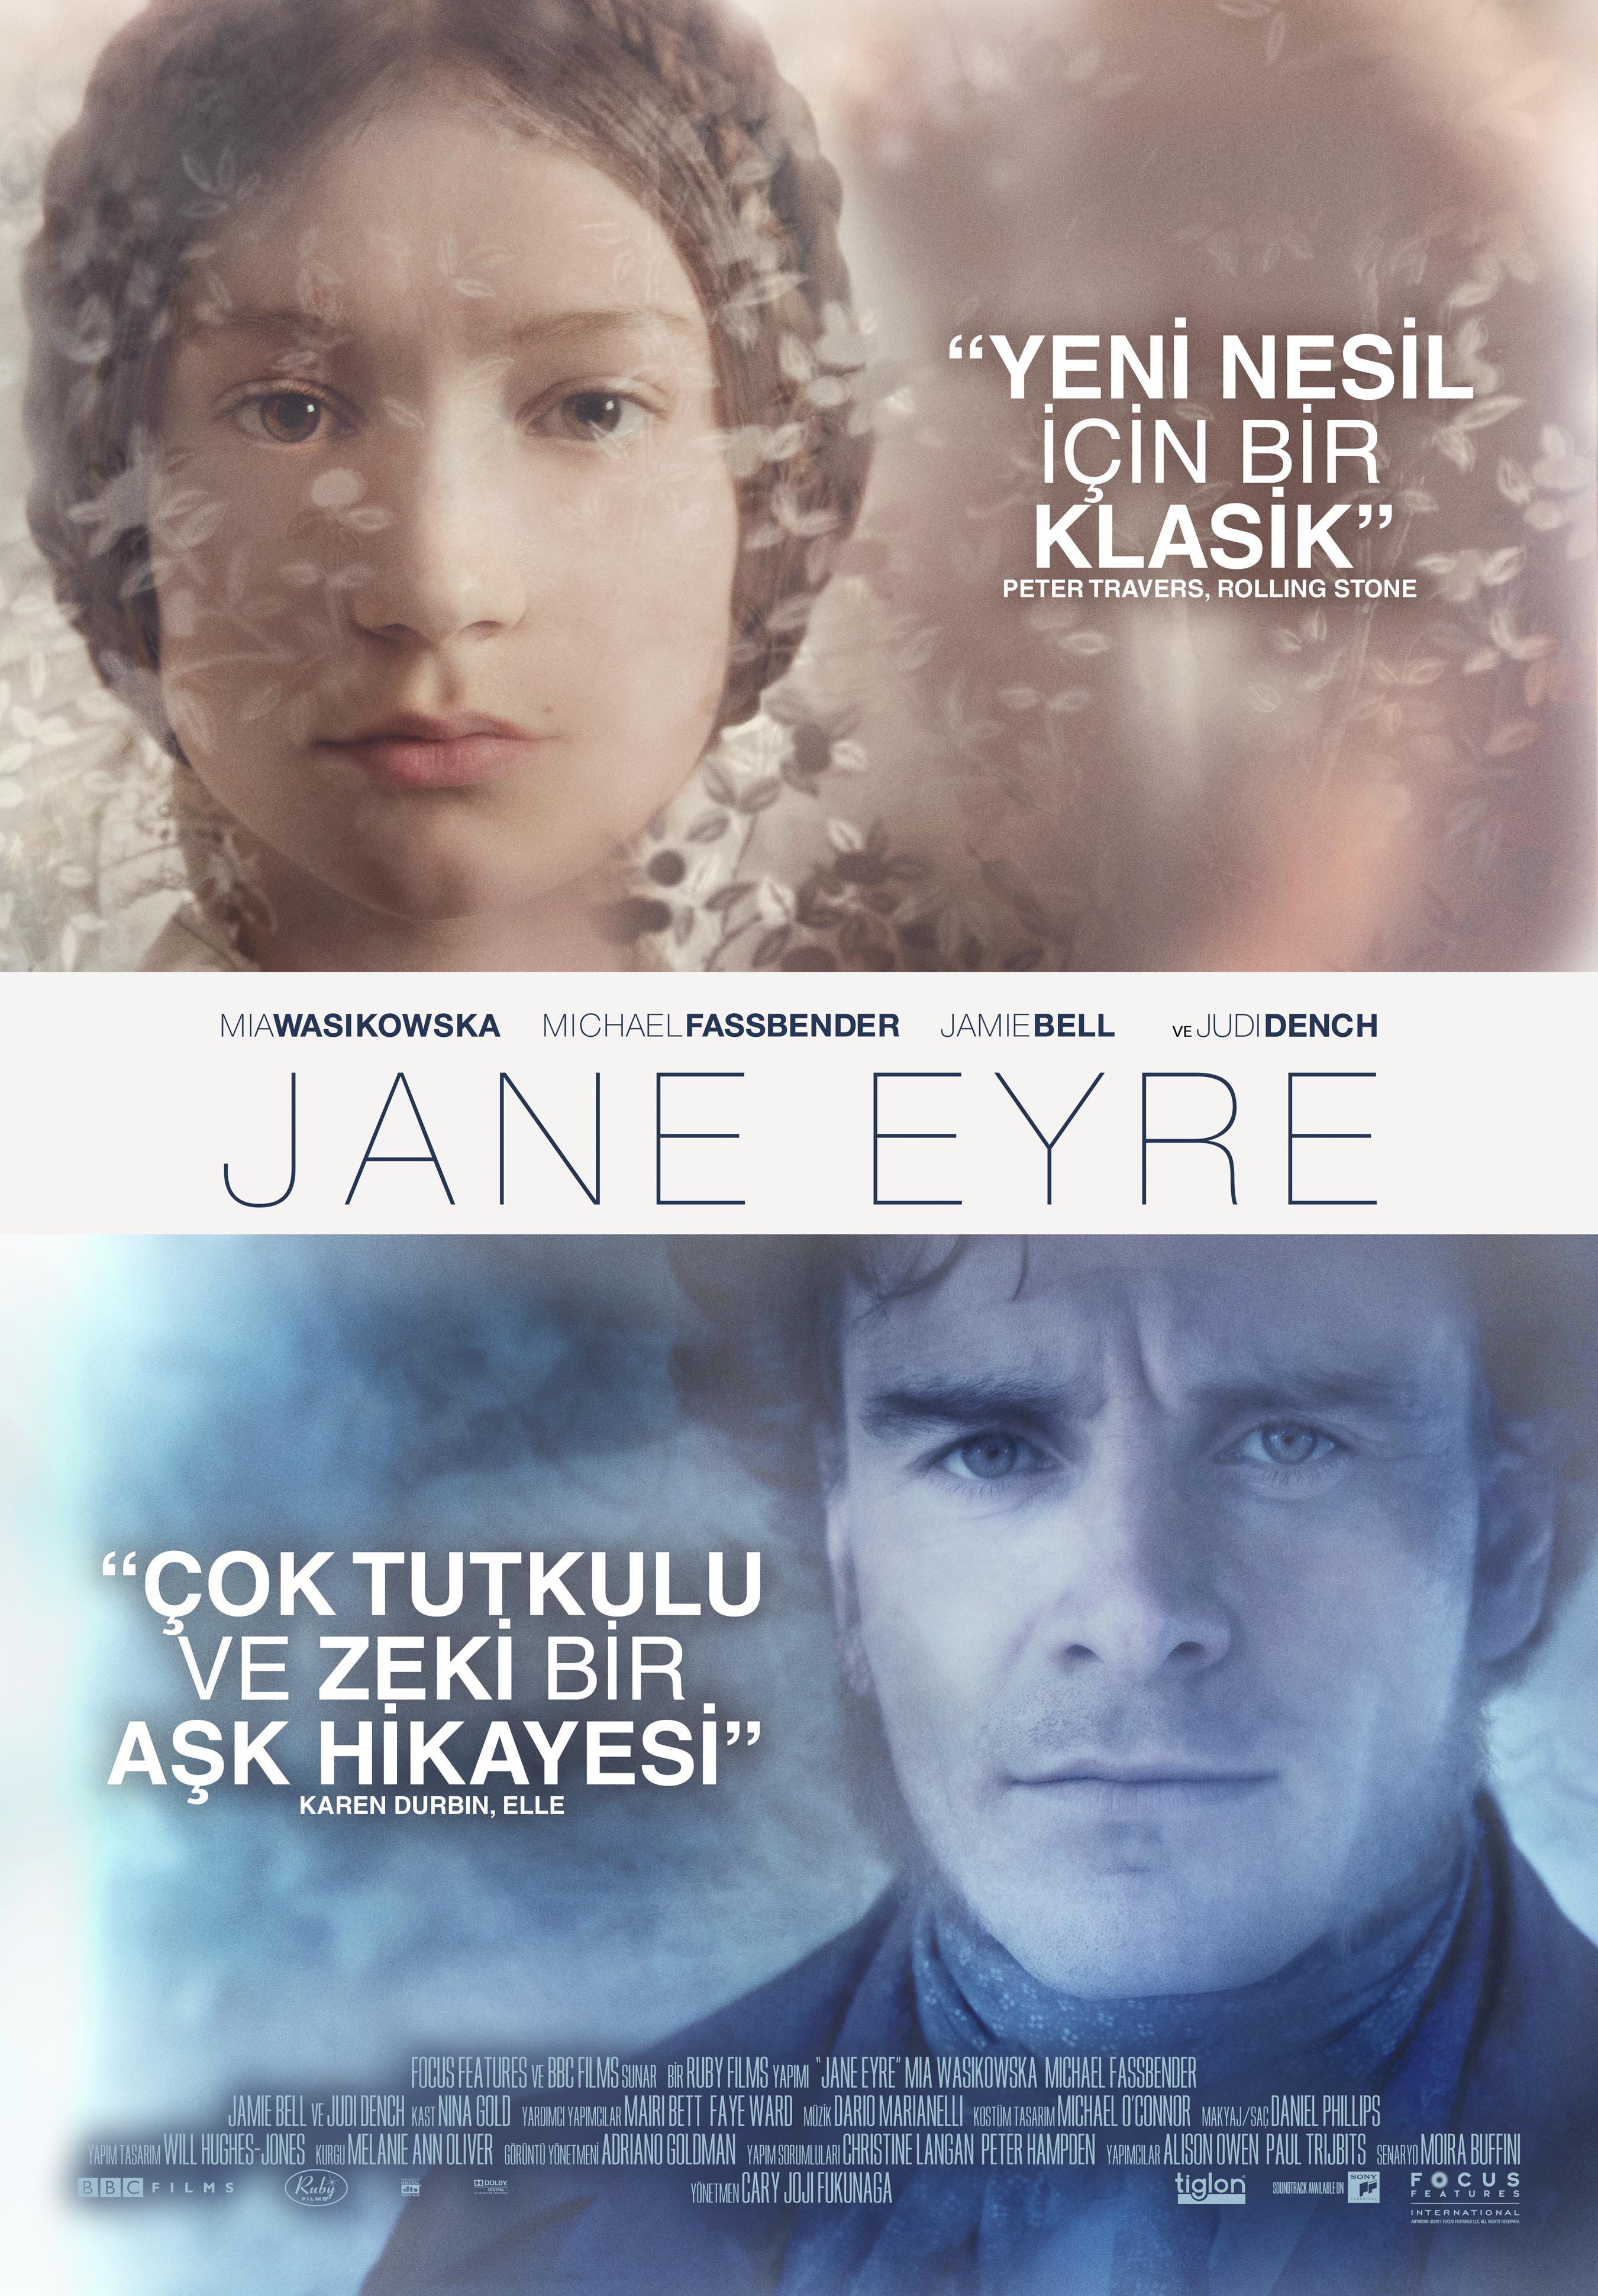 Jane Eyre Film 2011 Beyazperdecom